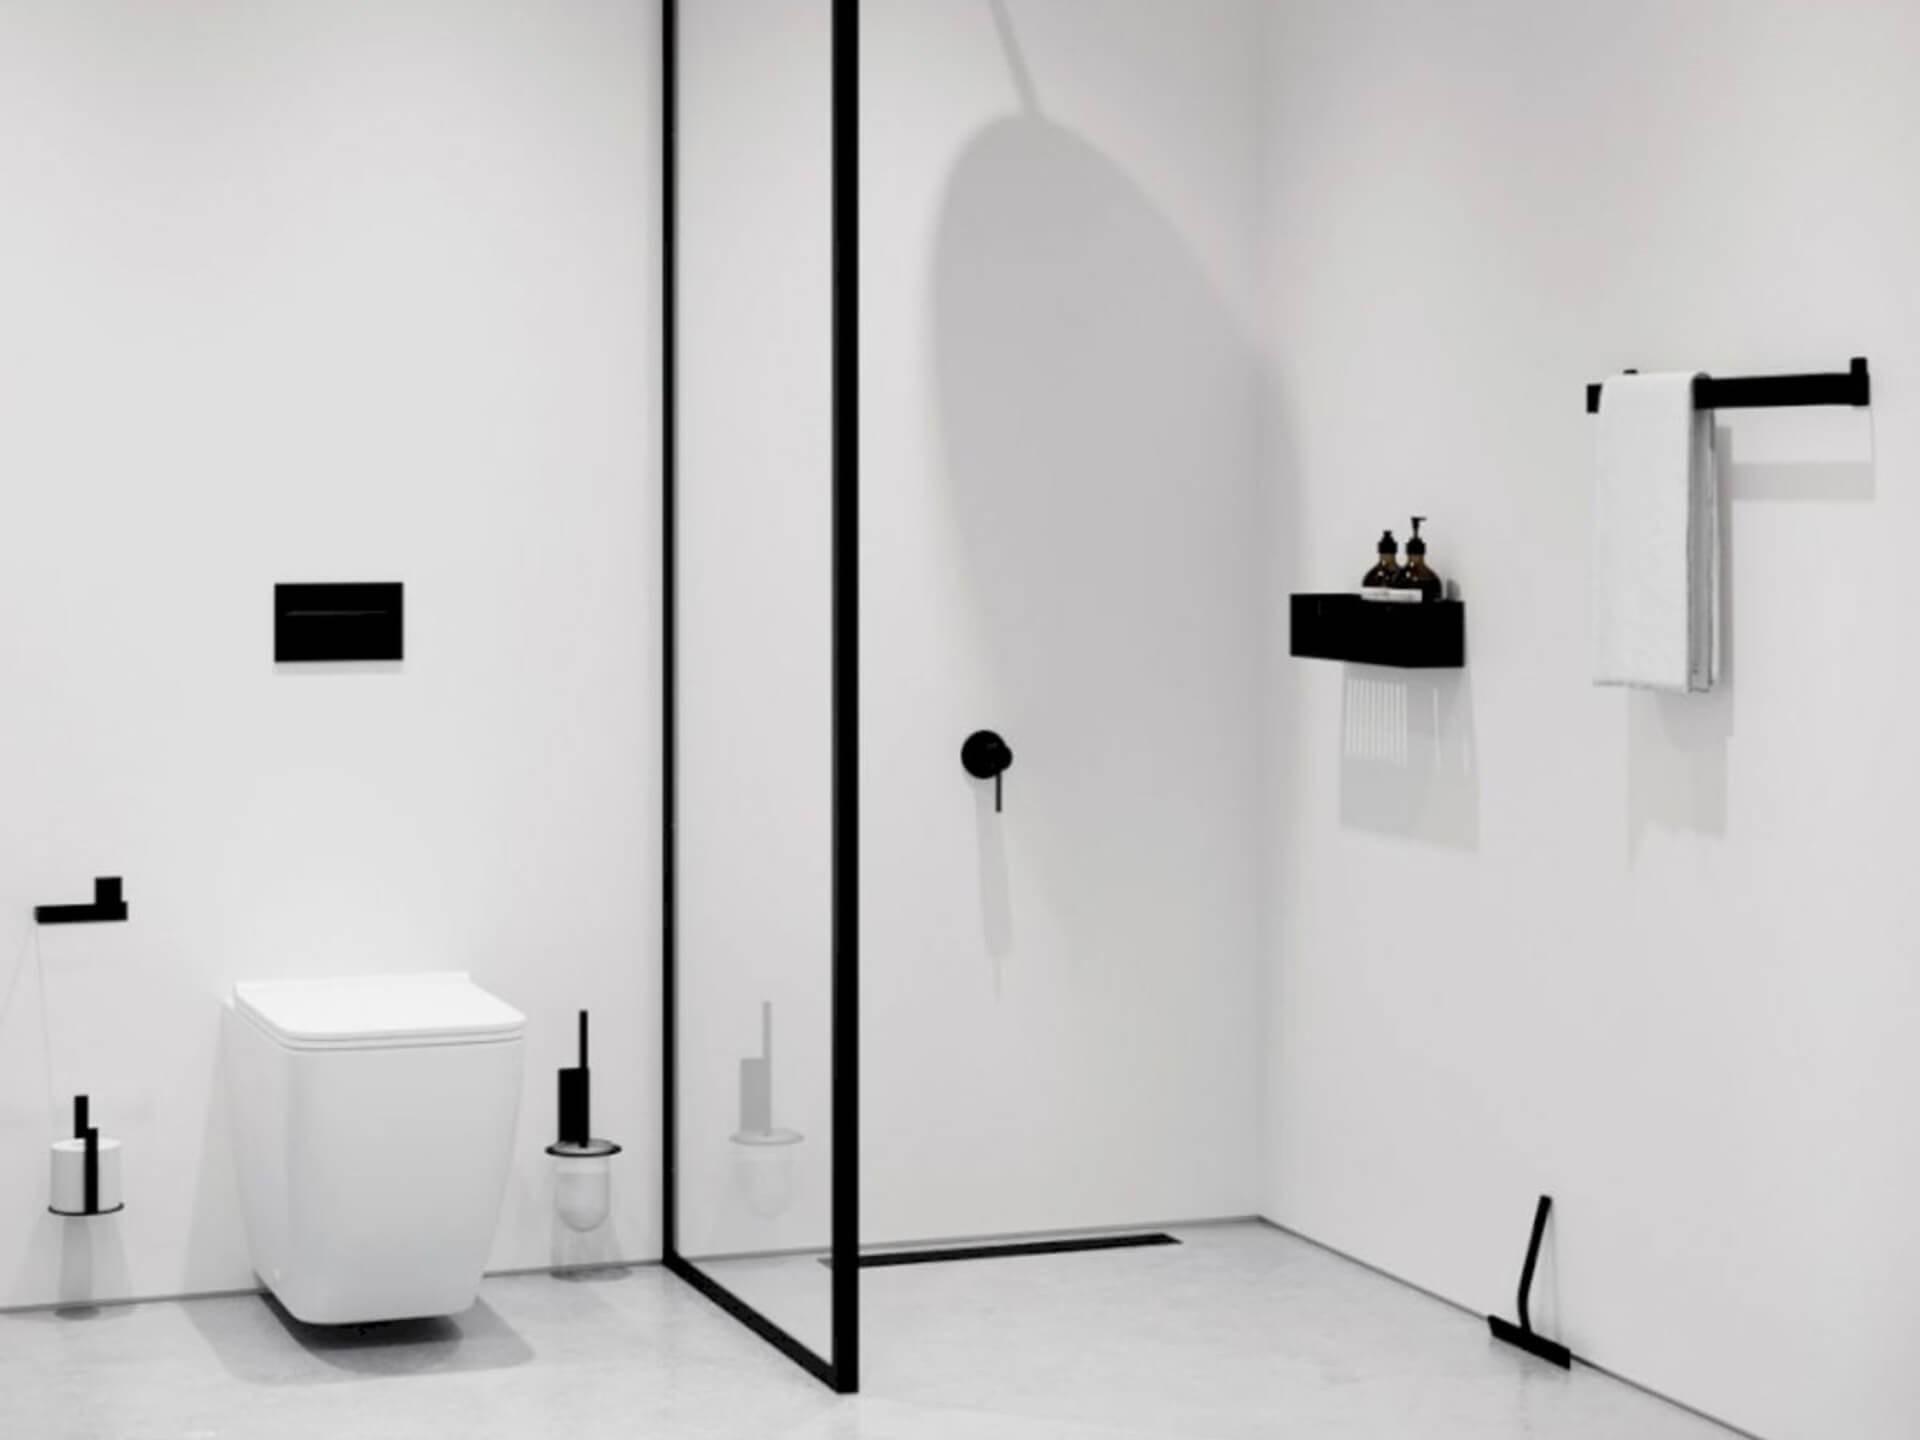 Nichba Toilet brush glass